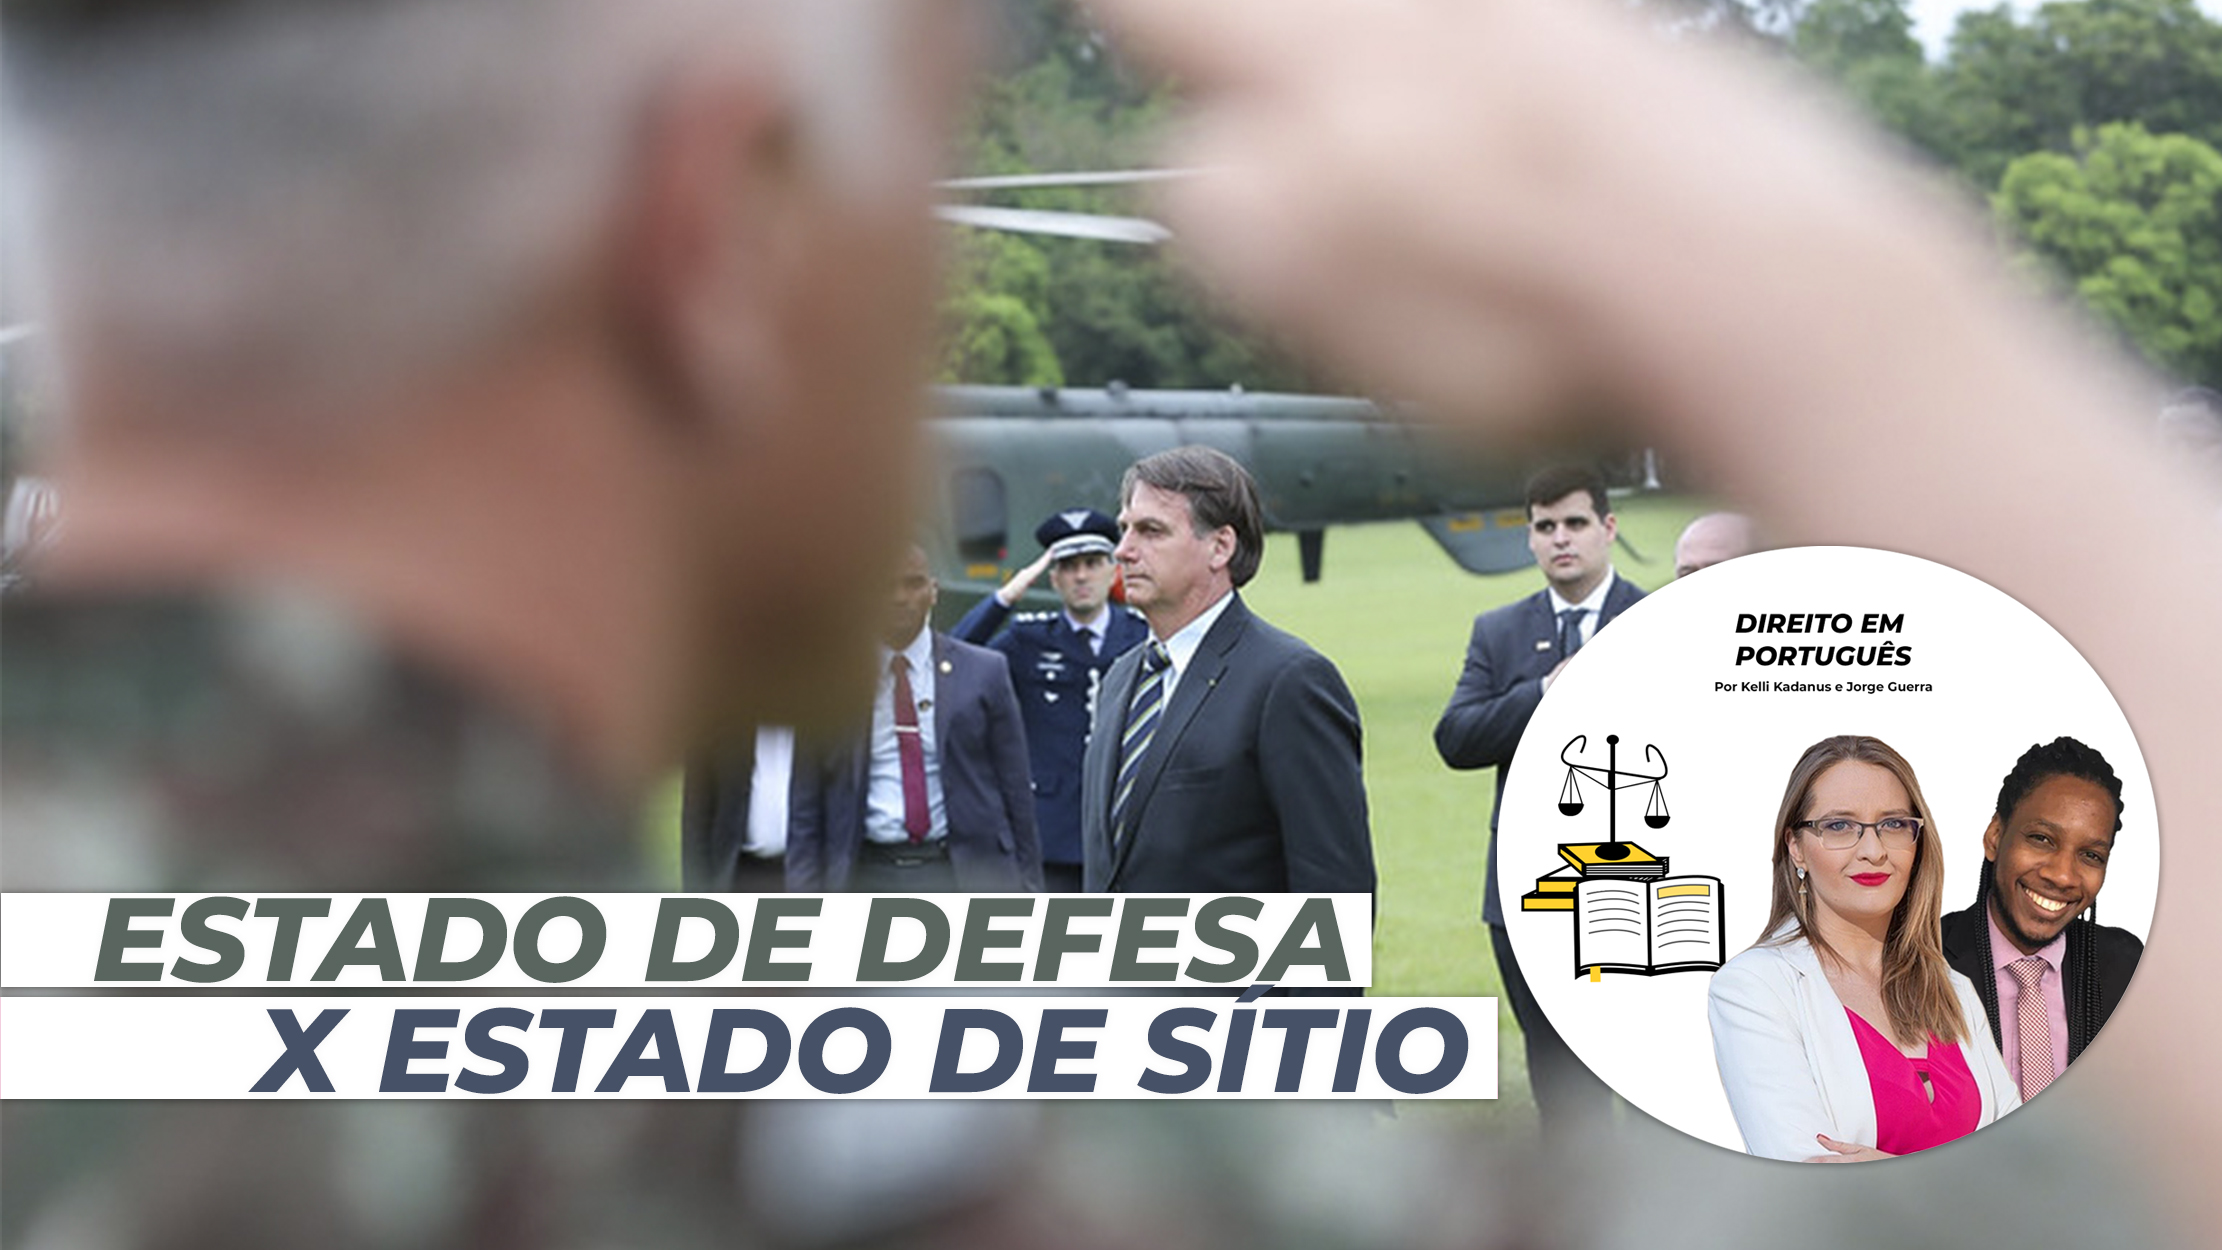 ESTADO DE DEFESA X ESTADO DE SÍTIO: O PAPEL DAS FORÇAS ARMADAS